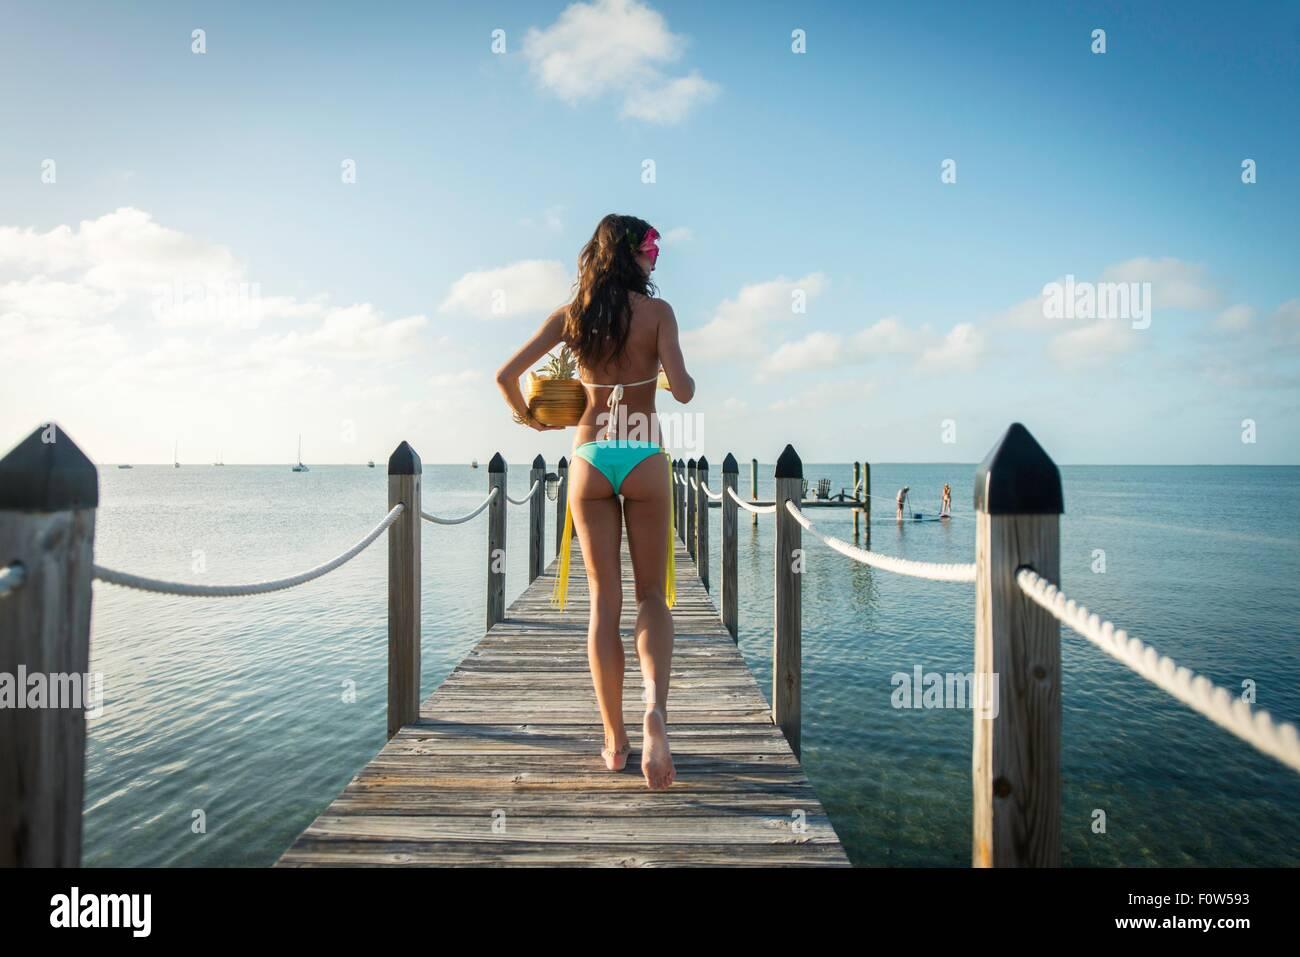 Vista posteriore del giovane donna sul molo sul mare portando una cesta di frutta, Islamorada, Florida, Stati Uniti Immagini Stock